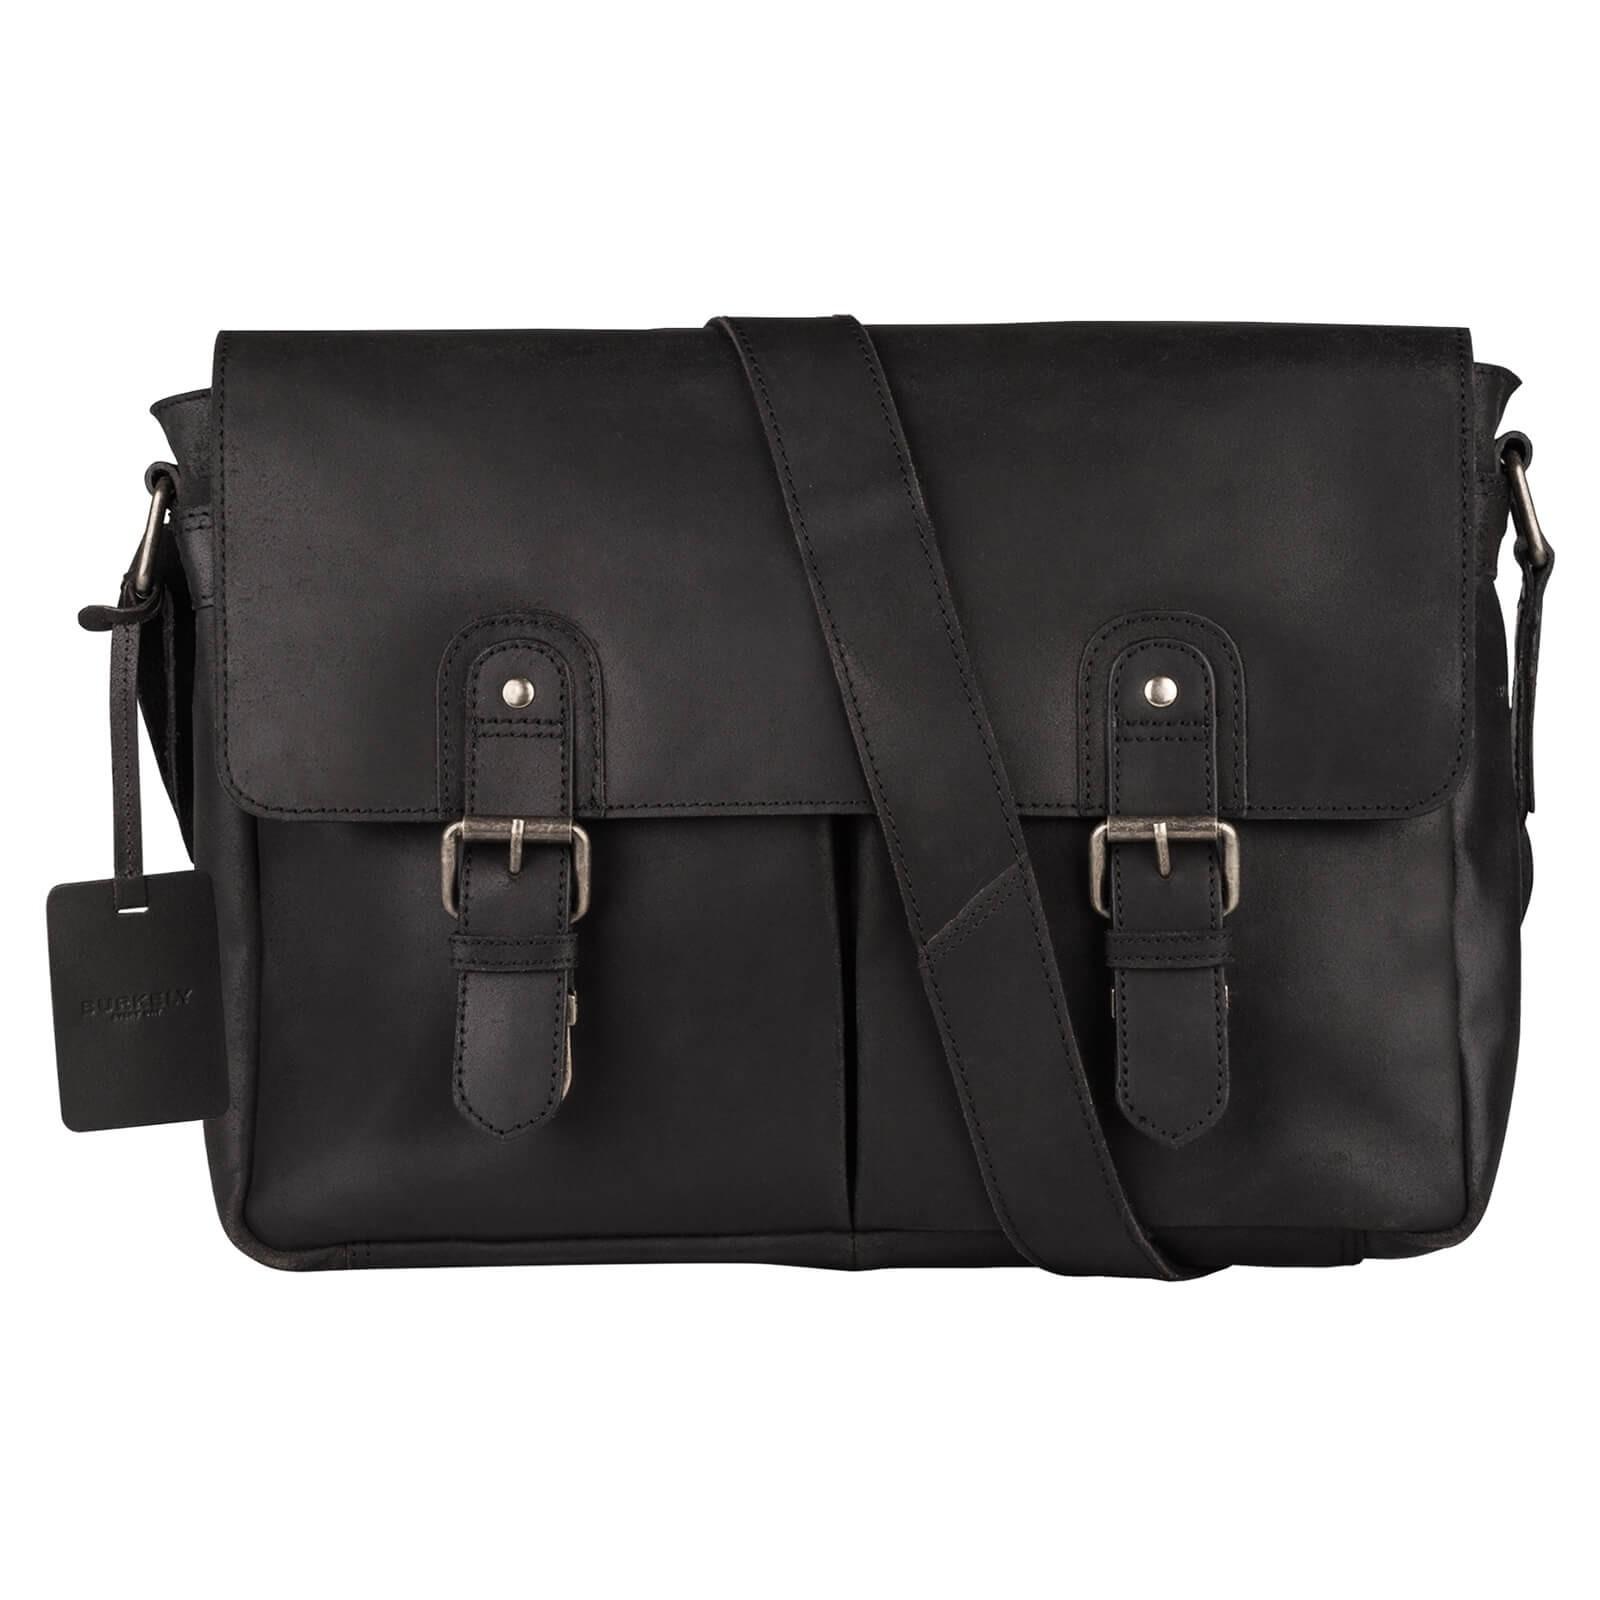 Pánska kožená taška cez rameno Burkely Glenn - čierna